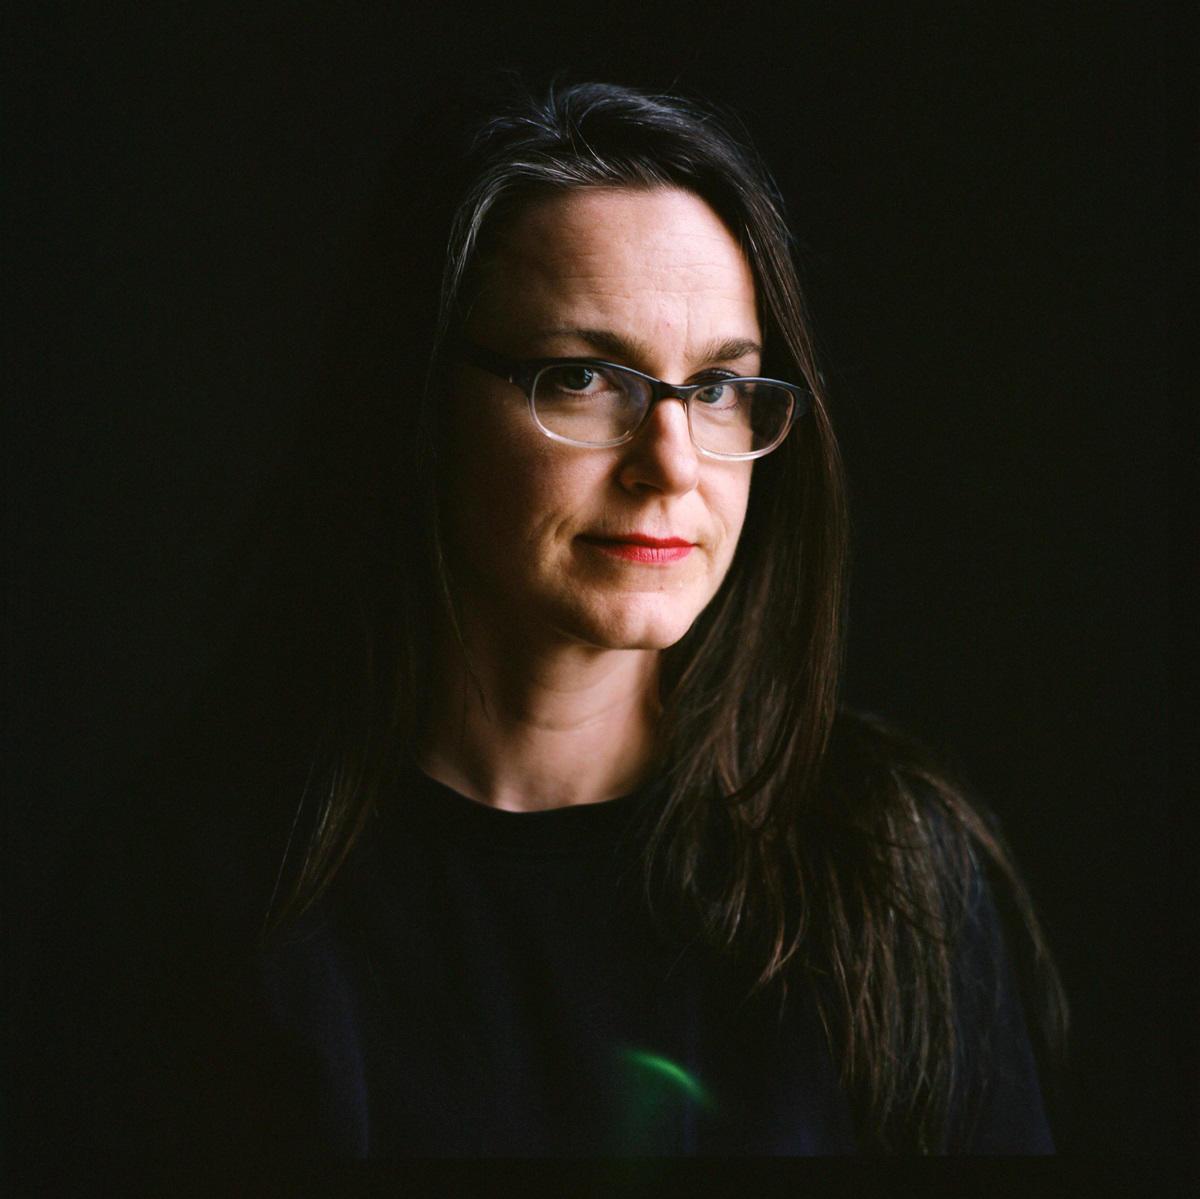 Sibyl Kempson, photo by Maria Baranova